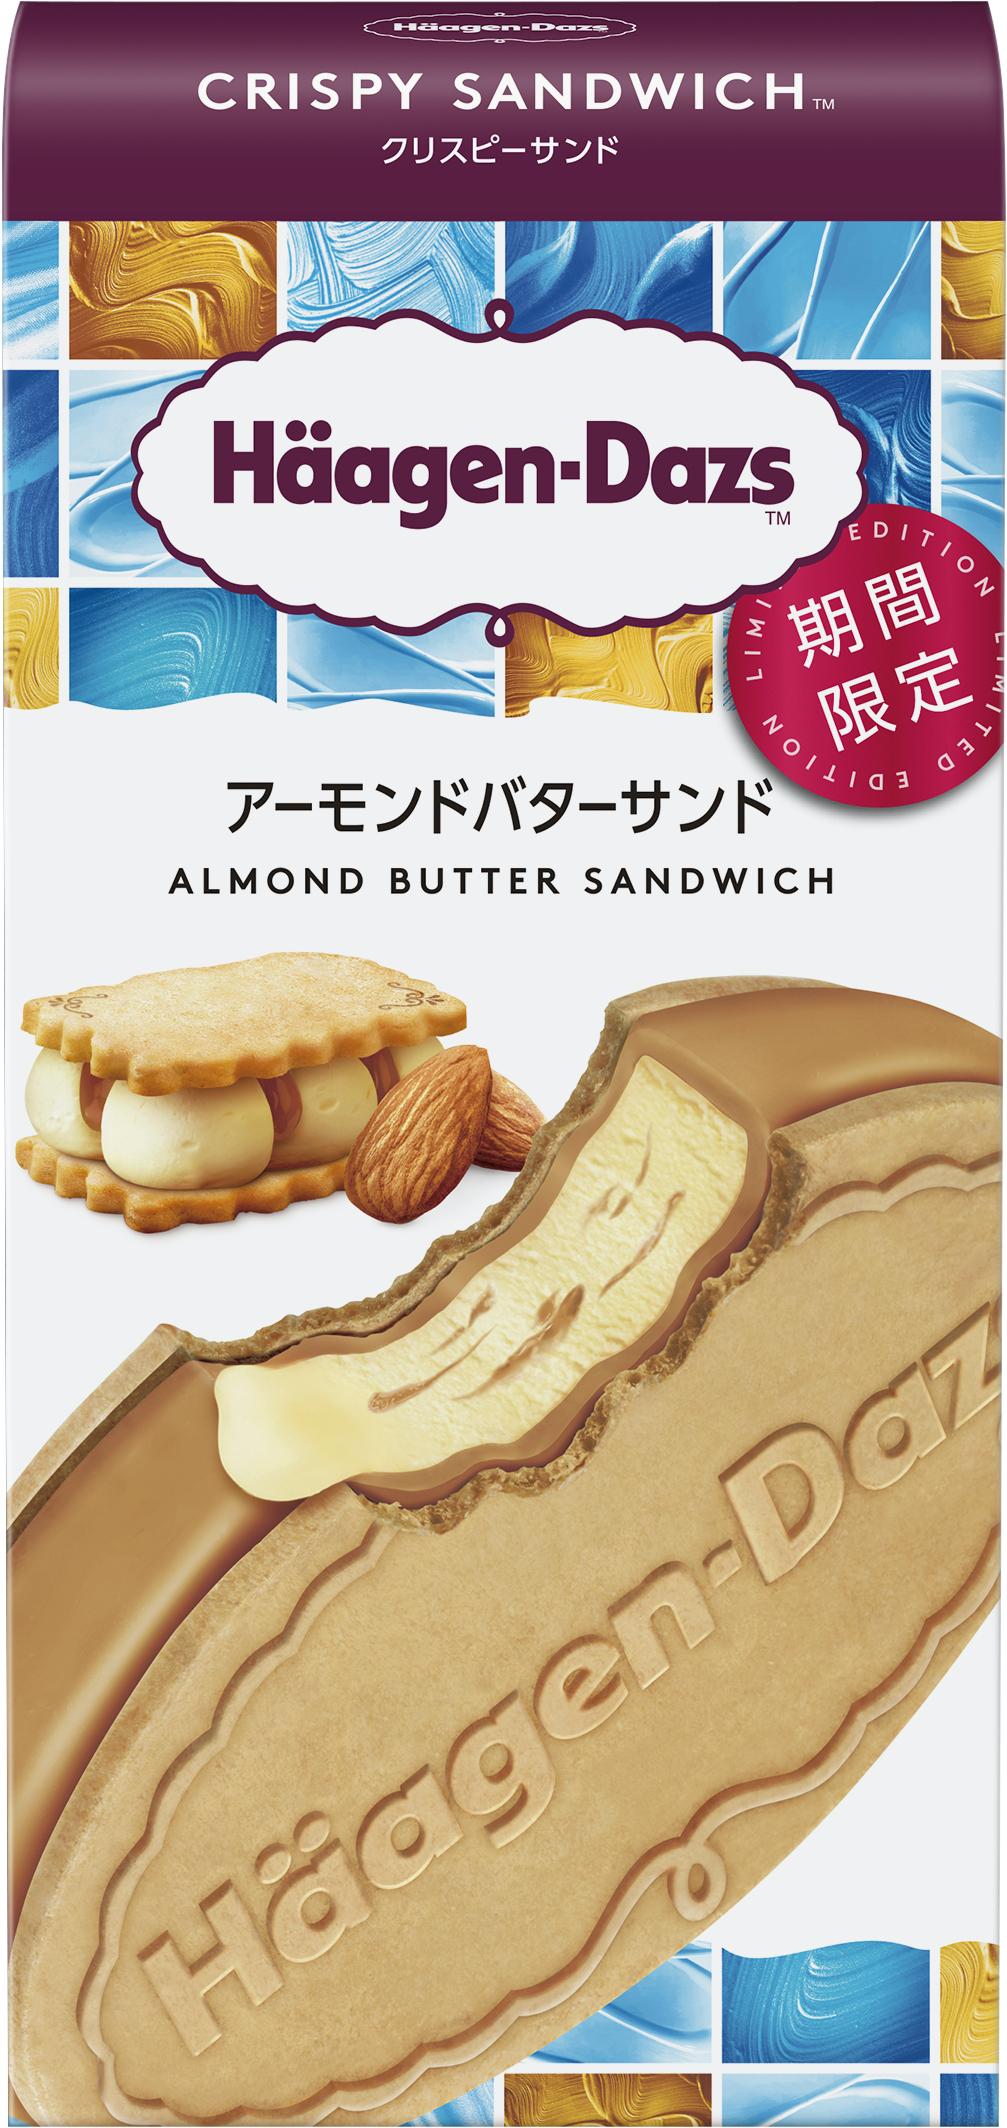 【ハーゲンダッツ新作】クリスピーサンド『アーモンドバターサンド』